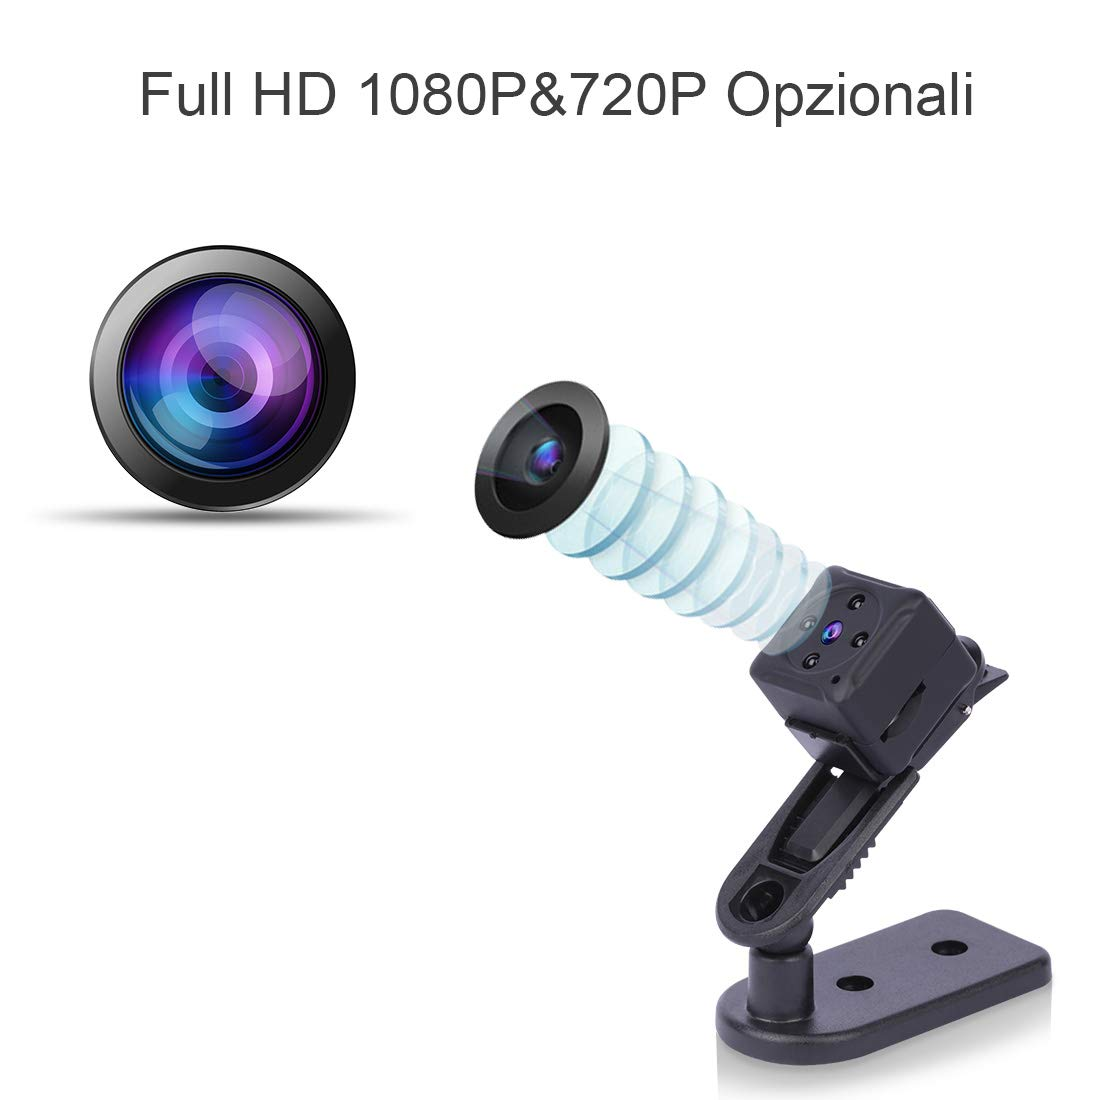 Senza Fili Esterno//Interno Spy Cam Piccola Microcamera Spia Micro Telecamera Spia Nascosta,NIYPS 1080P Portatile Mini Telecamera di Sorveglianza con Visione Notturna,Sensore di Movimento y Batteria